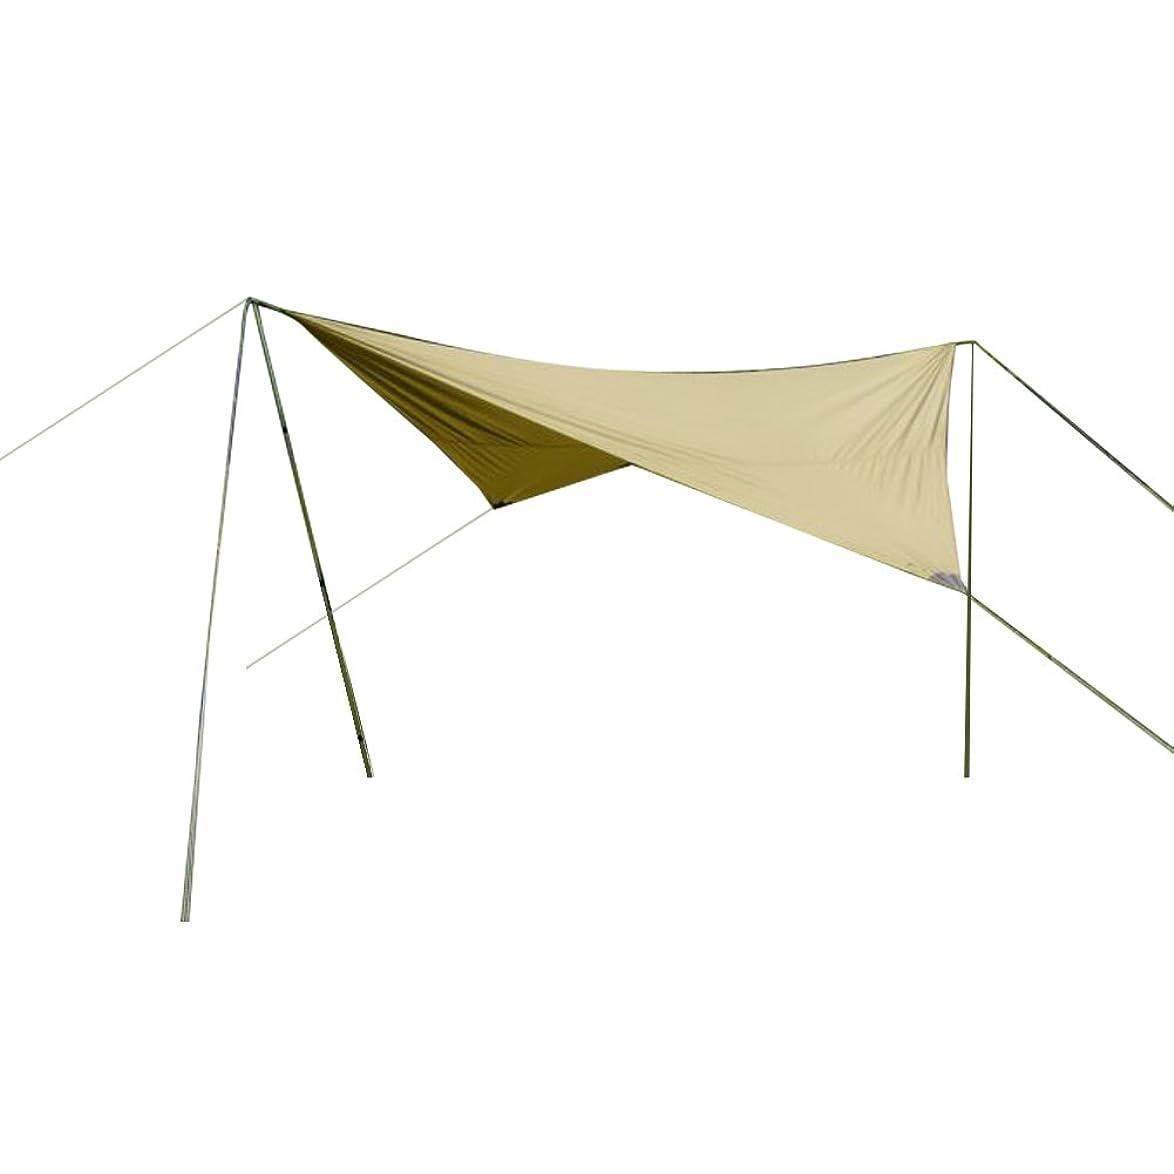 密度図覚えている[ タトンカ ] Tatonka タープ Tarp 3 TC (400×400cm) ヘキサタープ ポリコットン製 防水 遮光 2462 コクーン Cocoon (208) キャンプ アウトドア バーベキュー [並行輸入品]